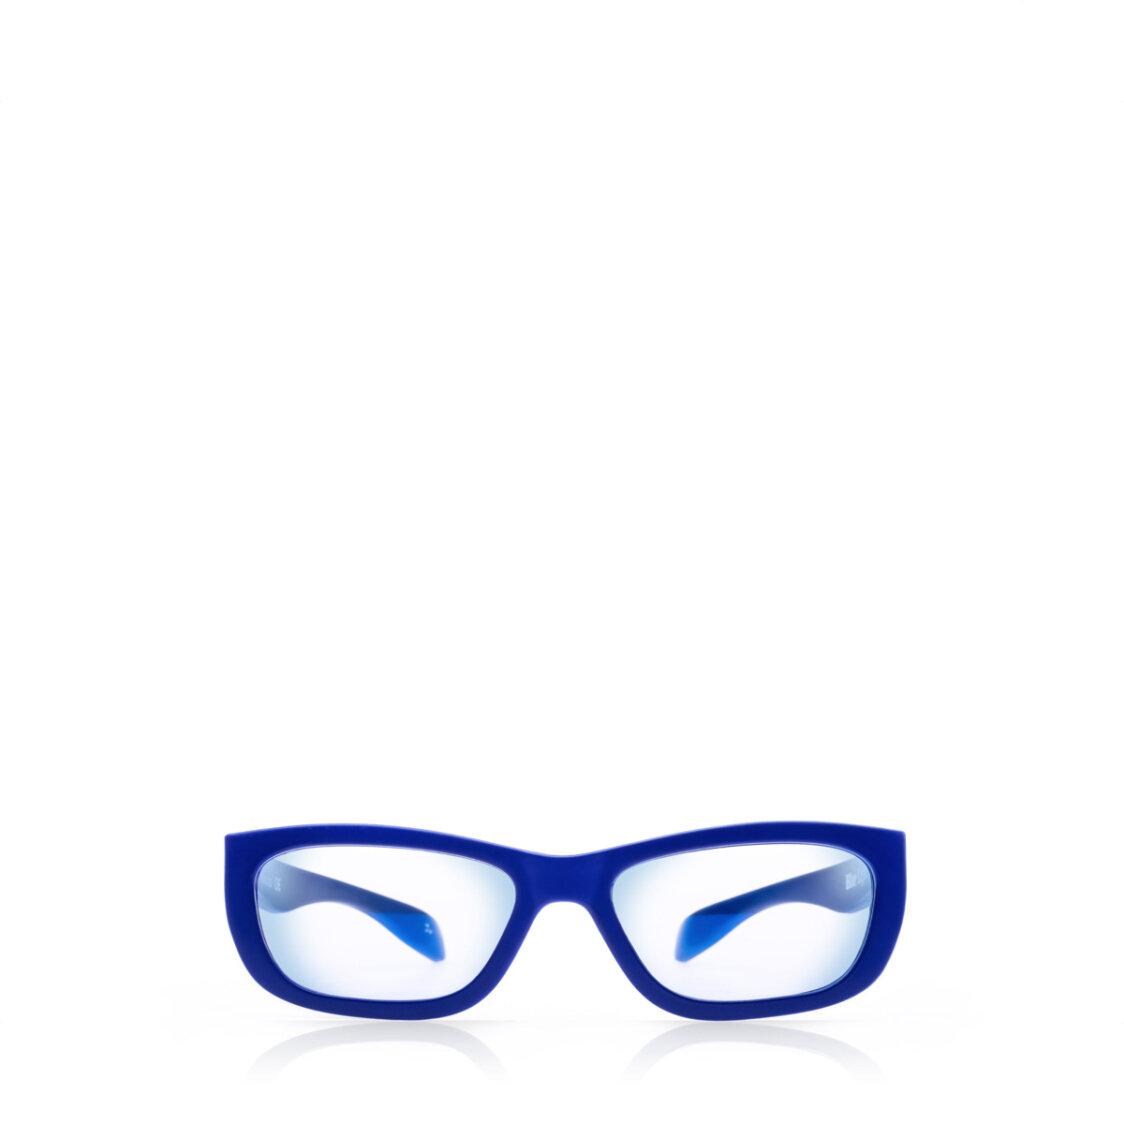 Shadez Eyewear Blue Light Blue Teeny aged 7- 16 years old